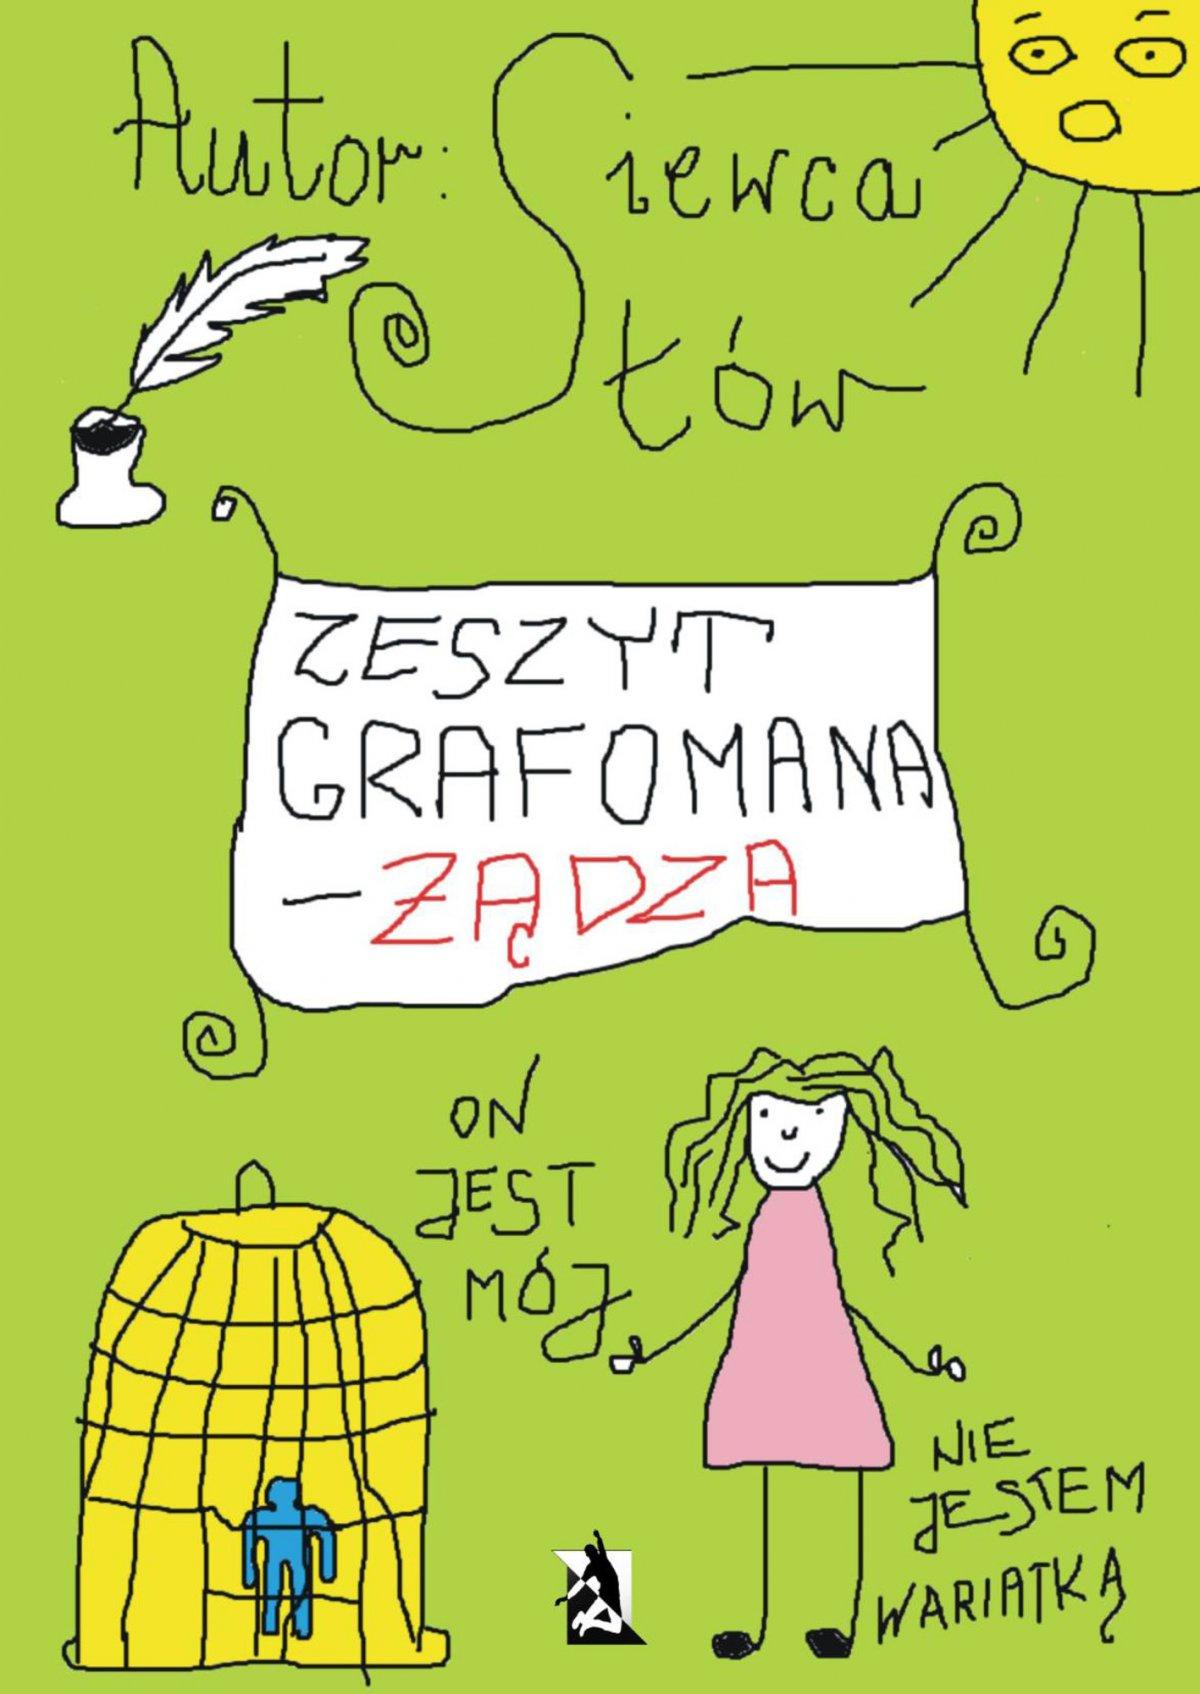 Zeszyt grafomana – żądza - Ebook (Książka EPUB) do pobrania w formacie EPUB